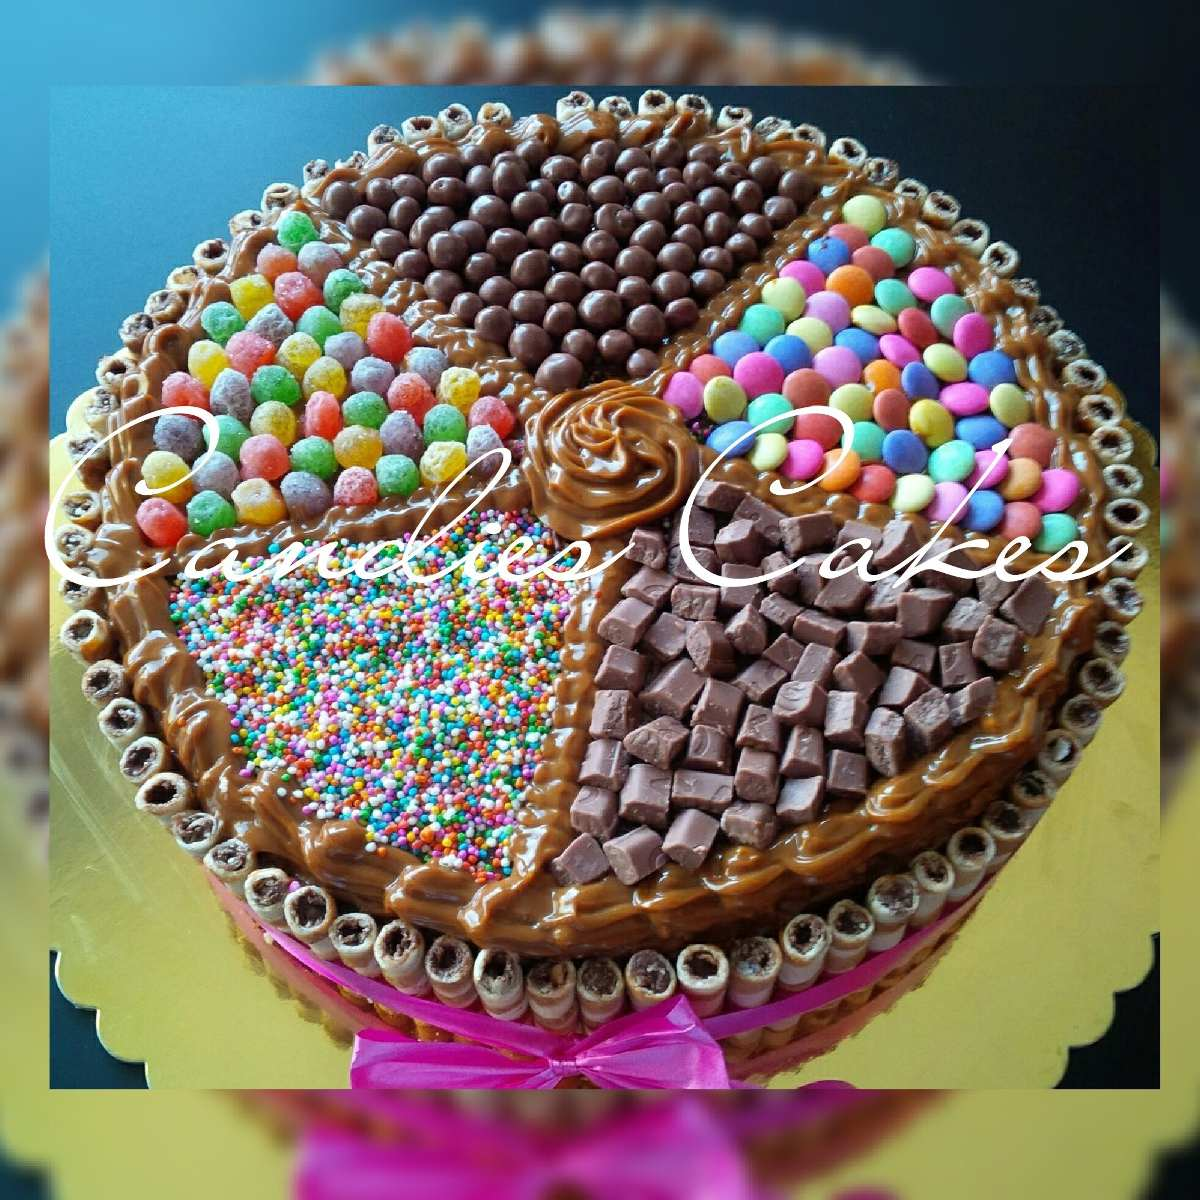 Torta de chocolate decorada con pirulin y dandy - Imagui